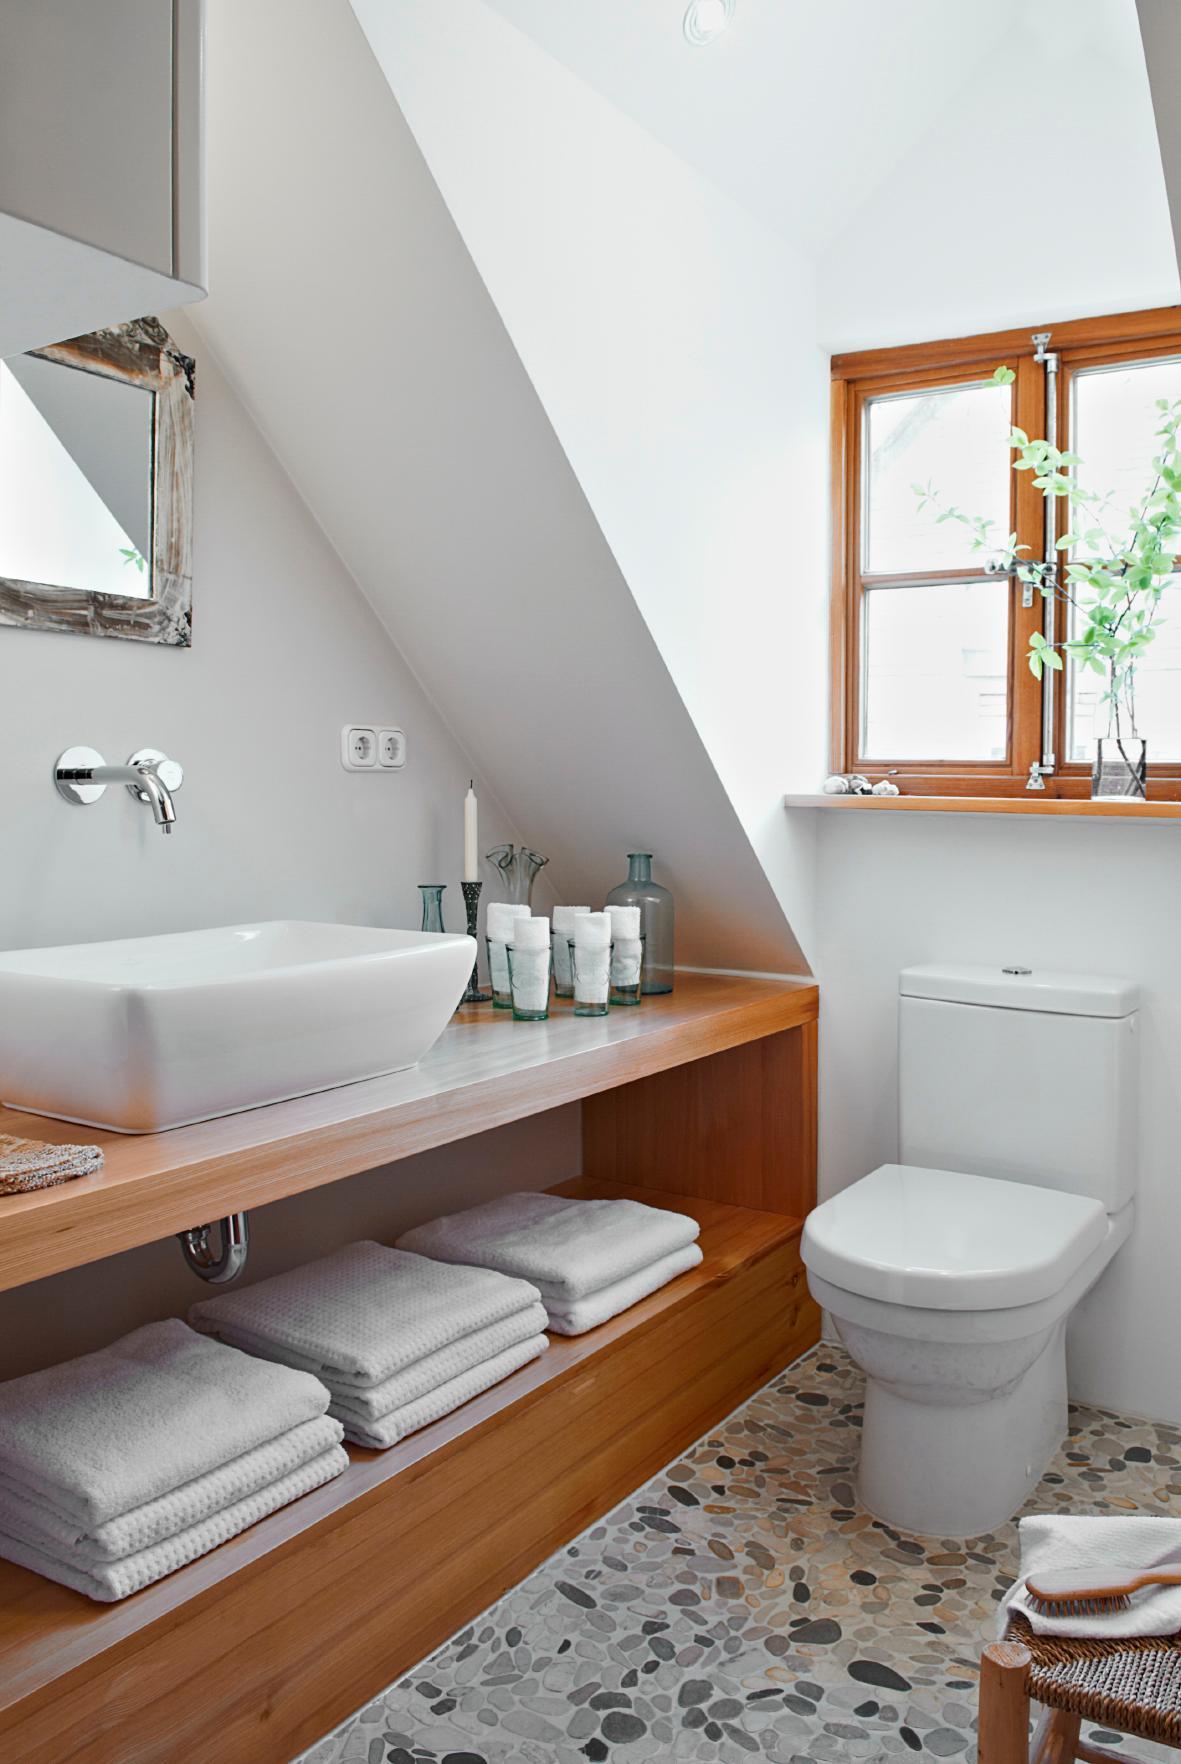 Badezimmer Im Landhausstil #aufbewahrung ©Michael Pfeiffe Fotografie